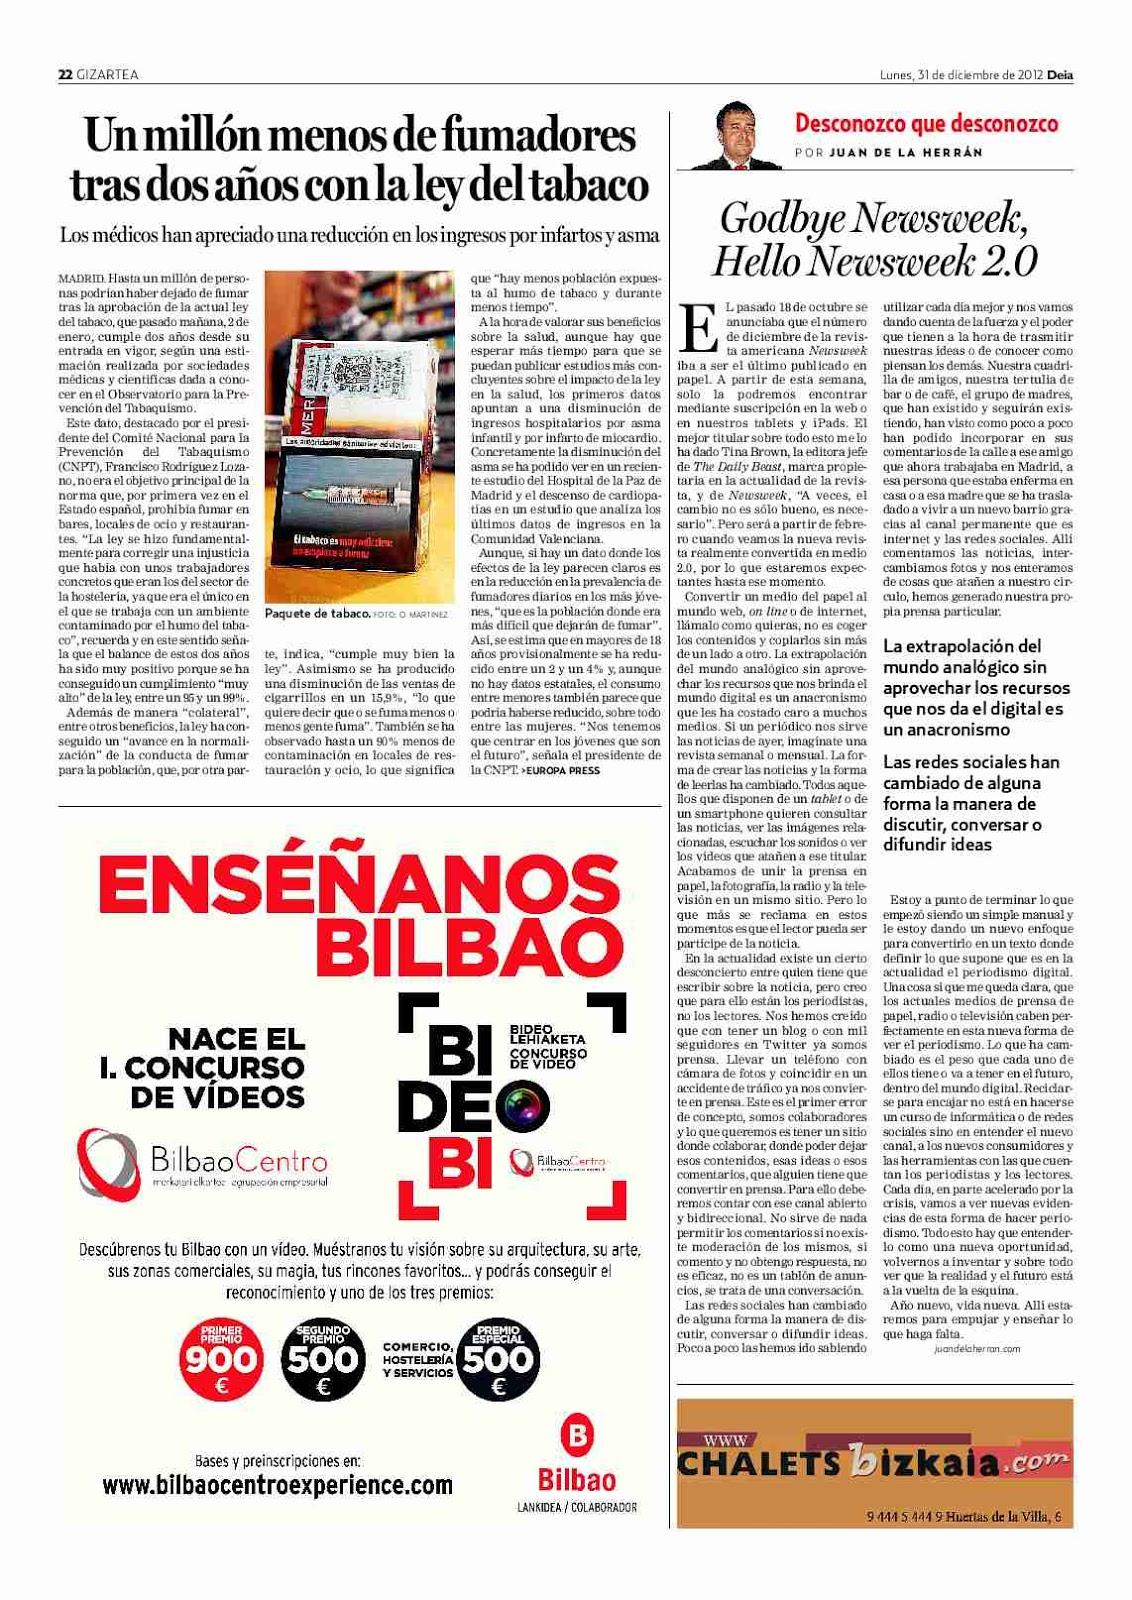 Goodbye Newsweek, Hello Newsweek 2.0